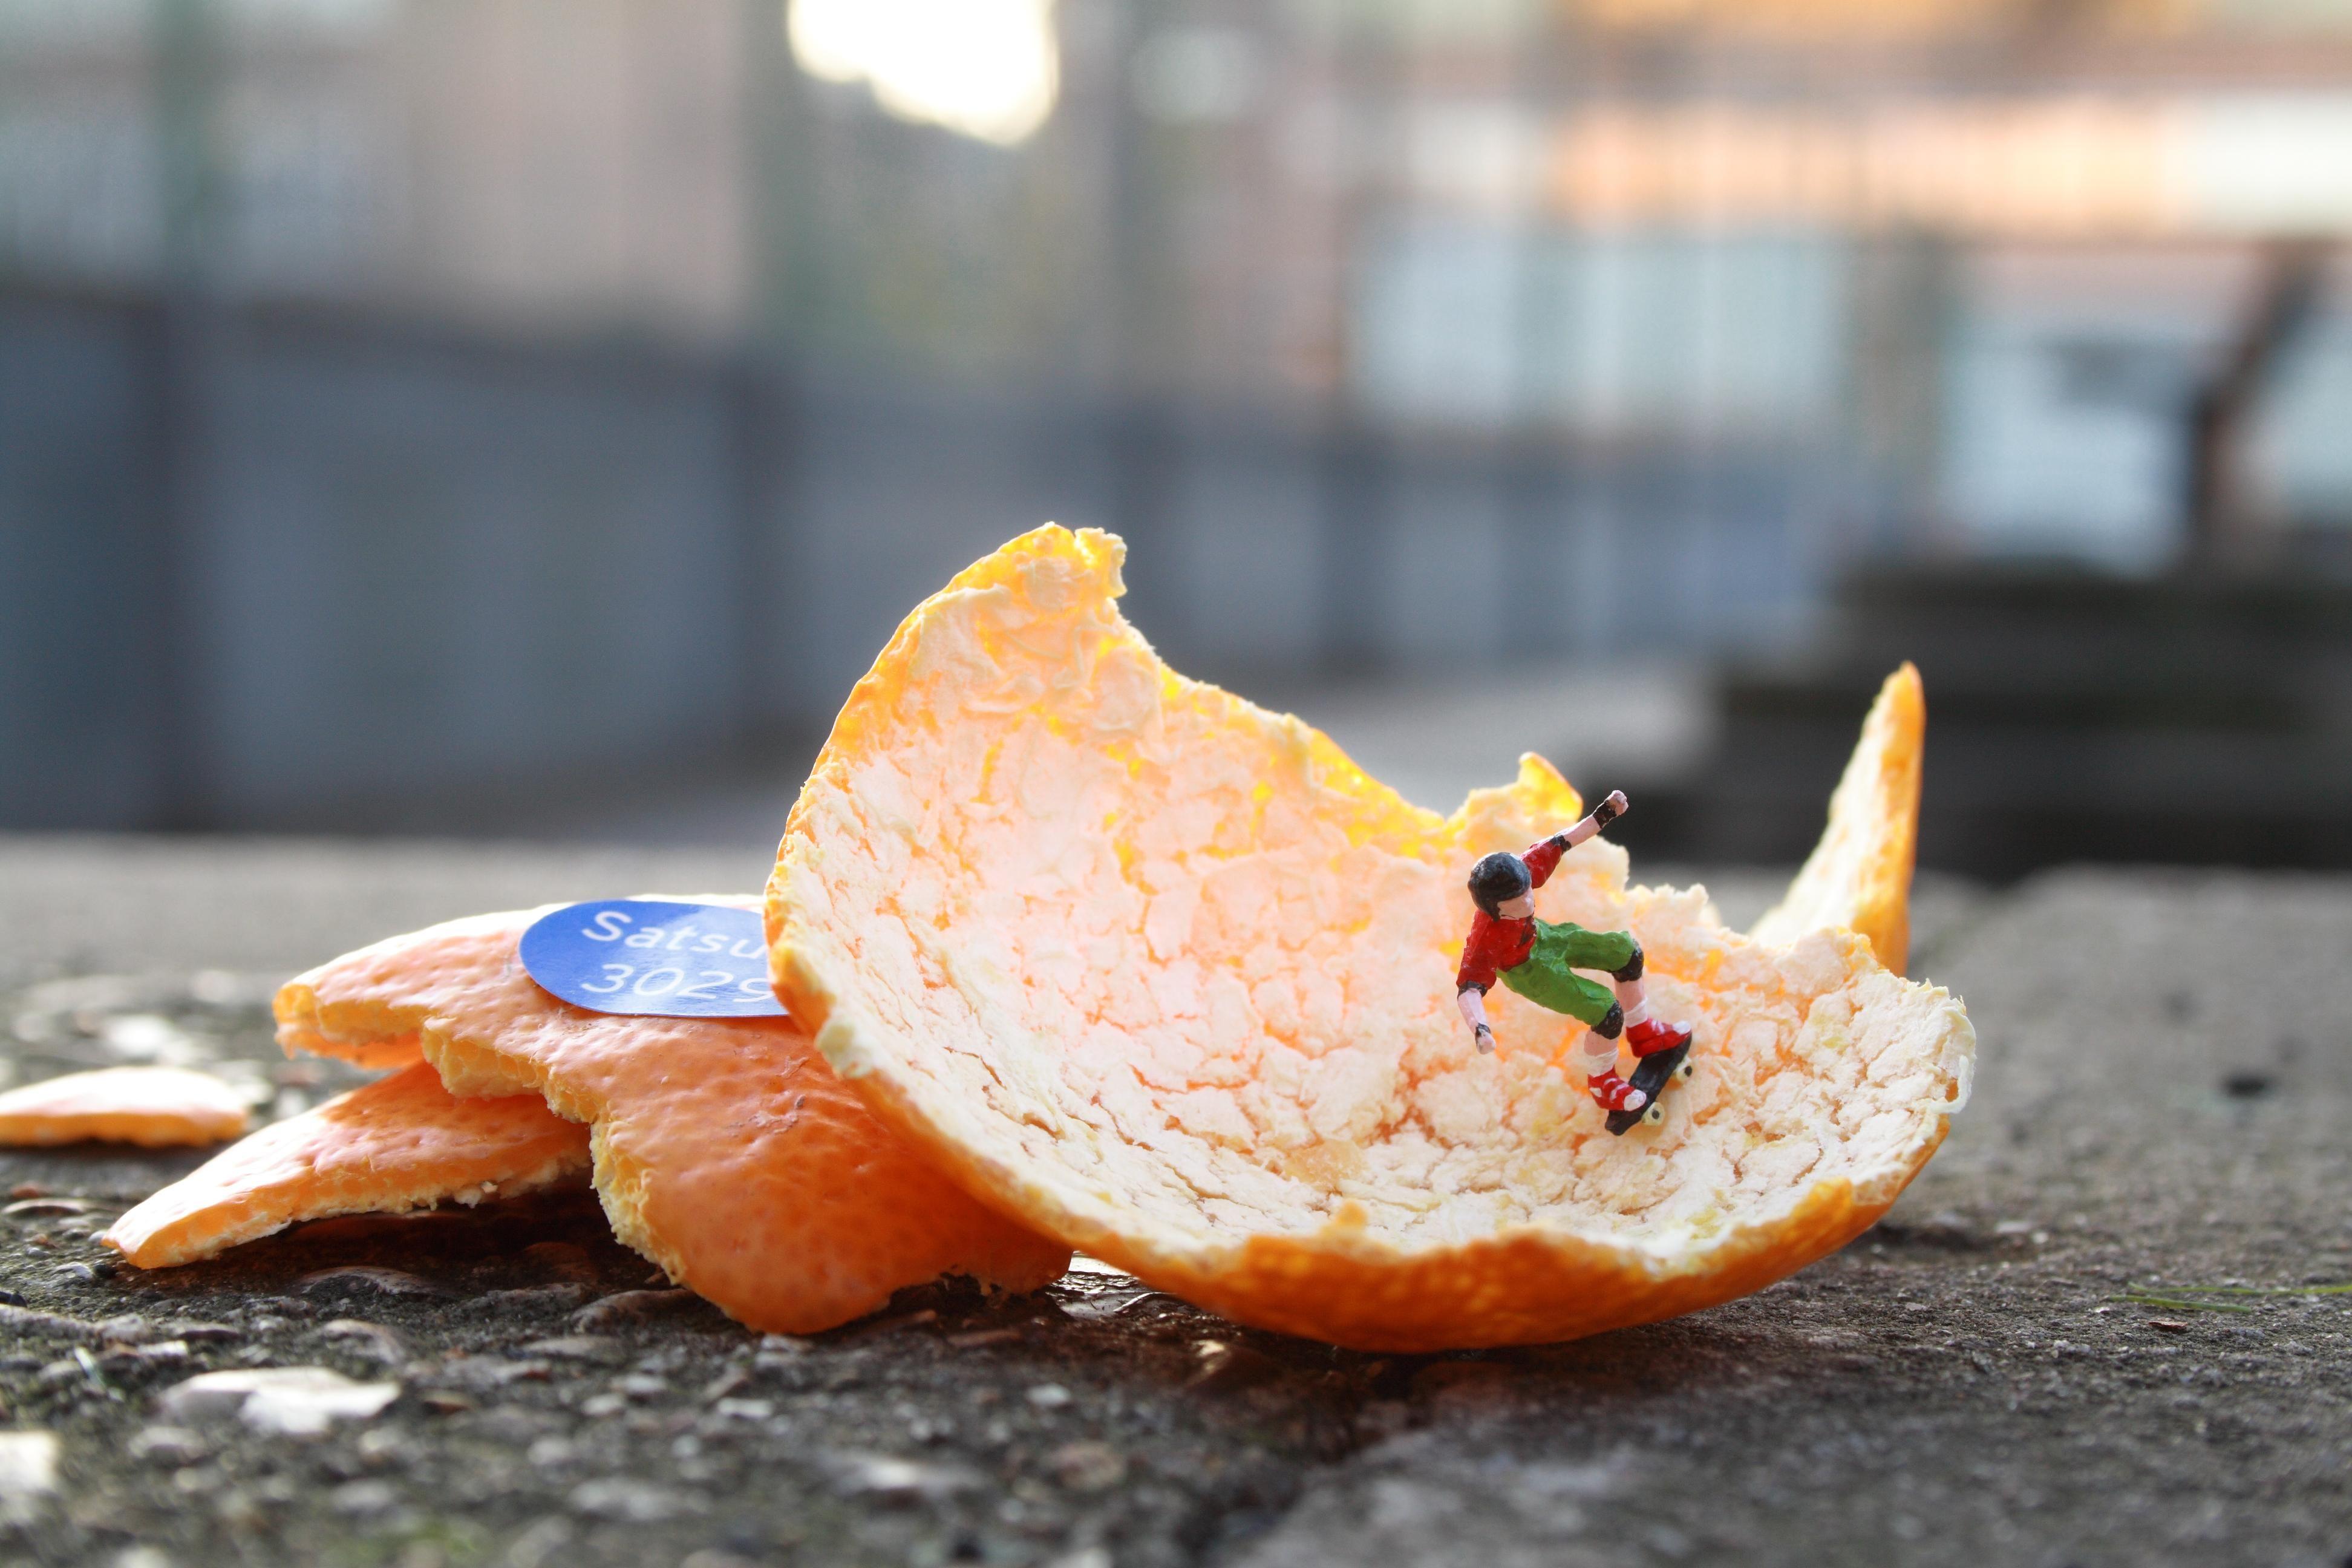 #slinkachu #skate